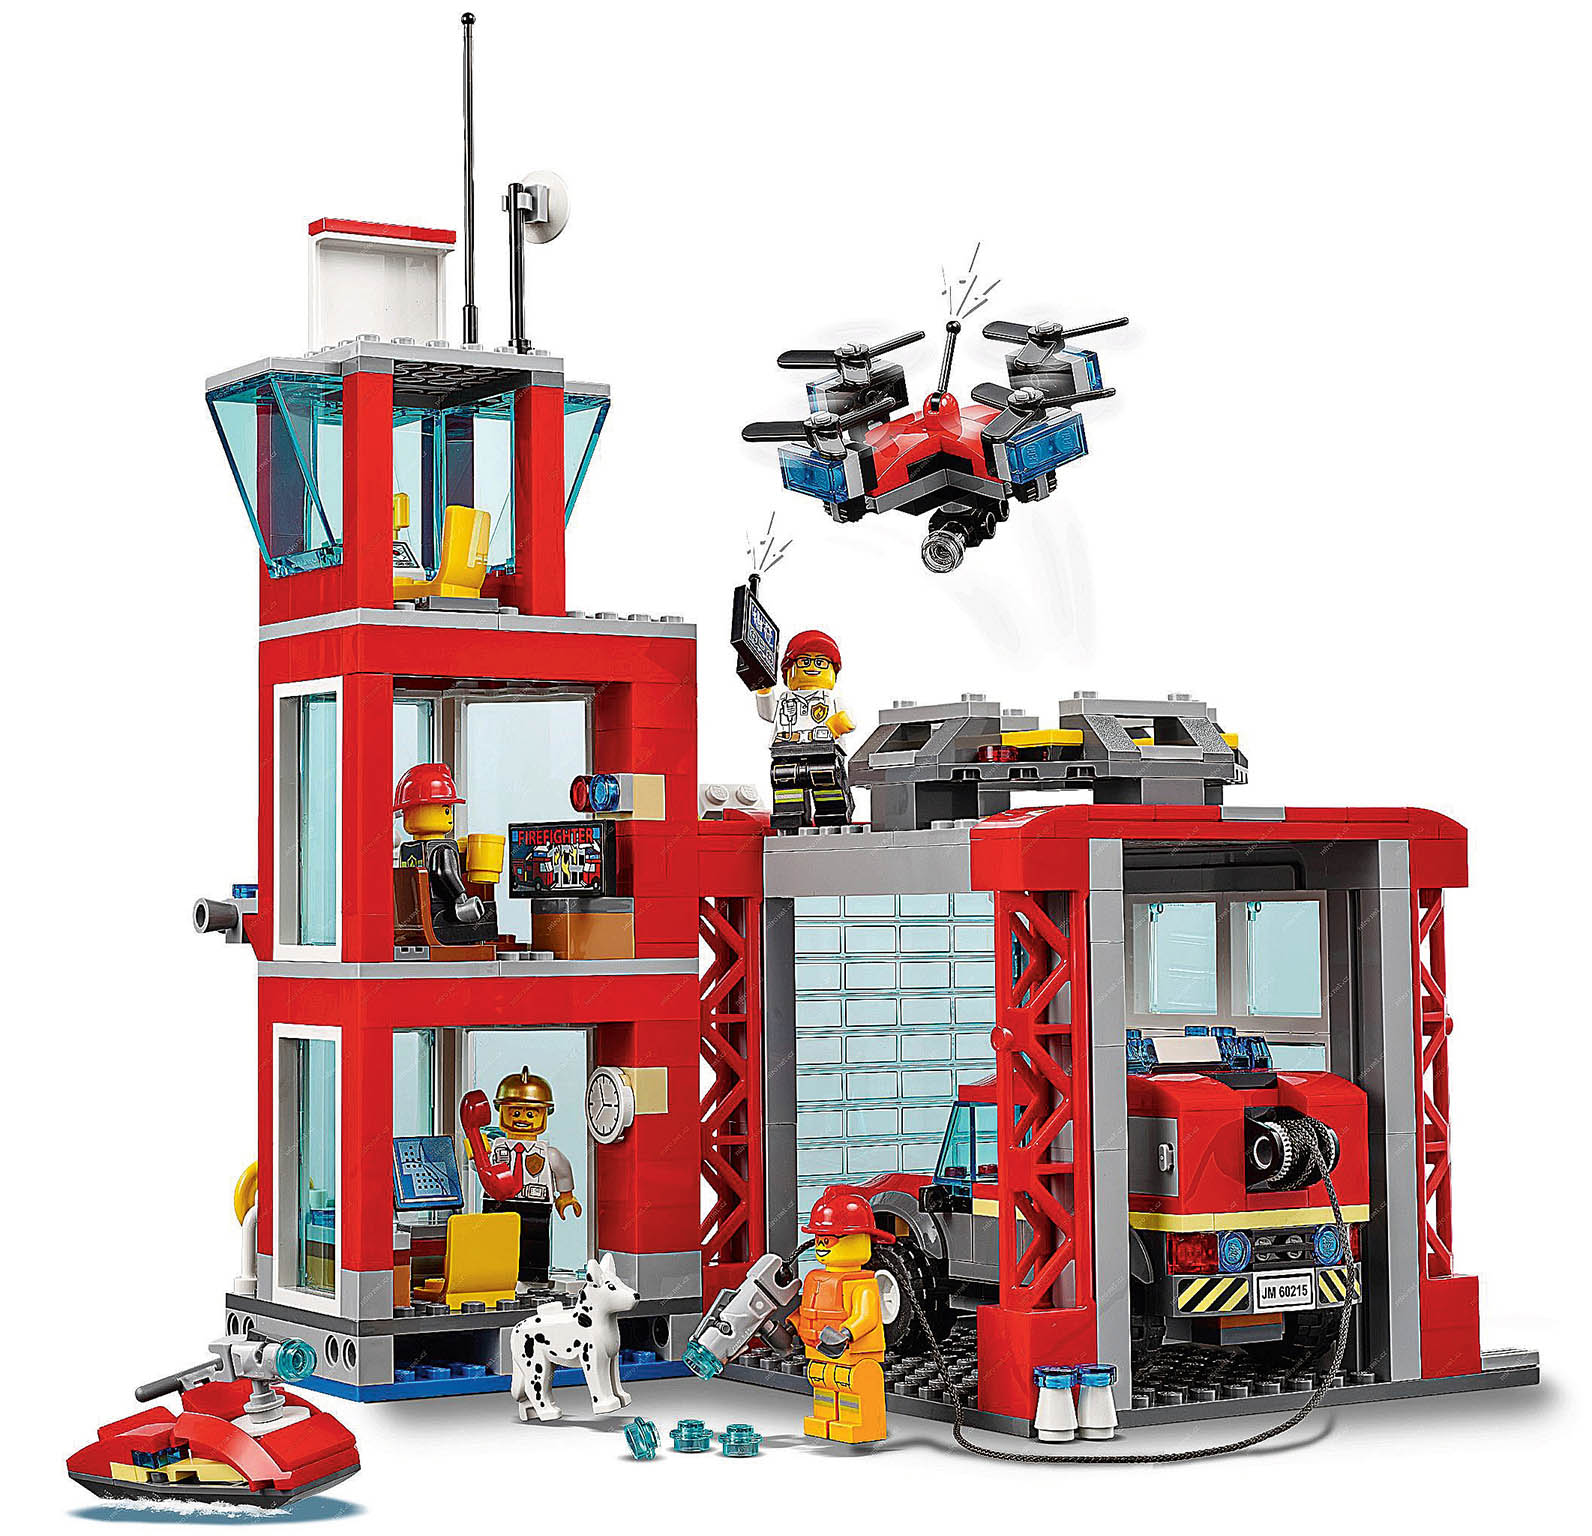 Třípatrová Lego hasičská stanice skanceláří, garáží aprůzkumnou věží.